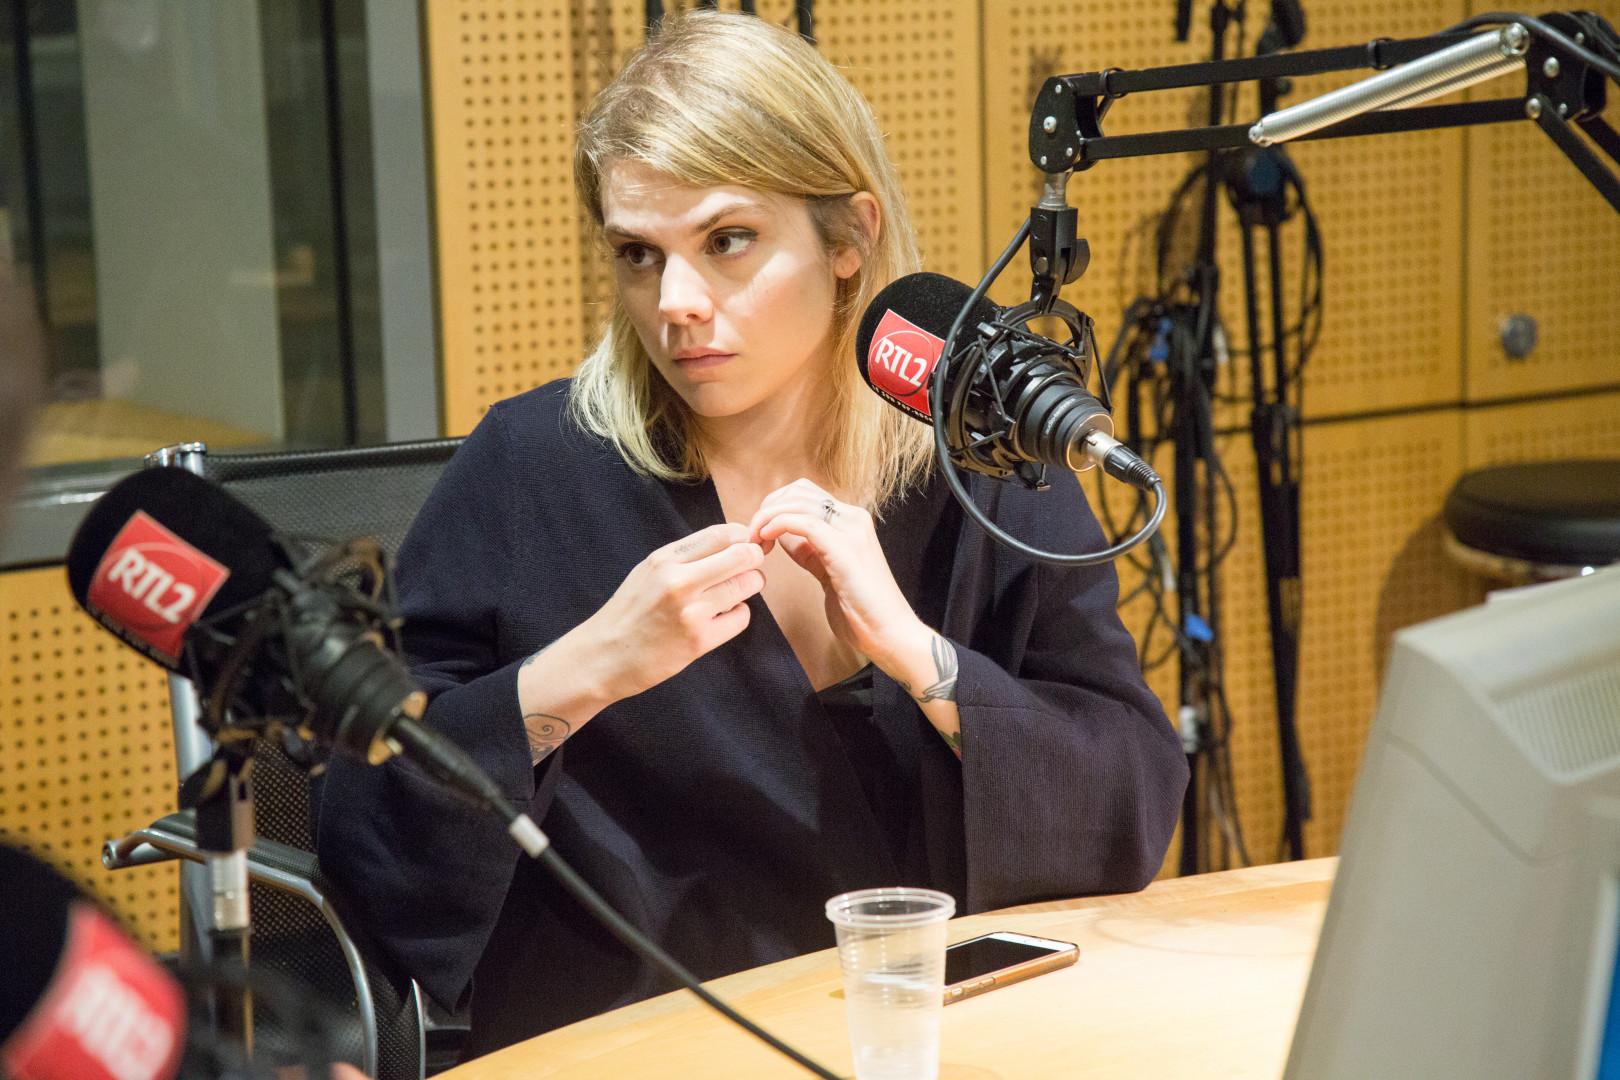 Cœur de Pirate dans les studios de RTL2